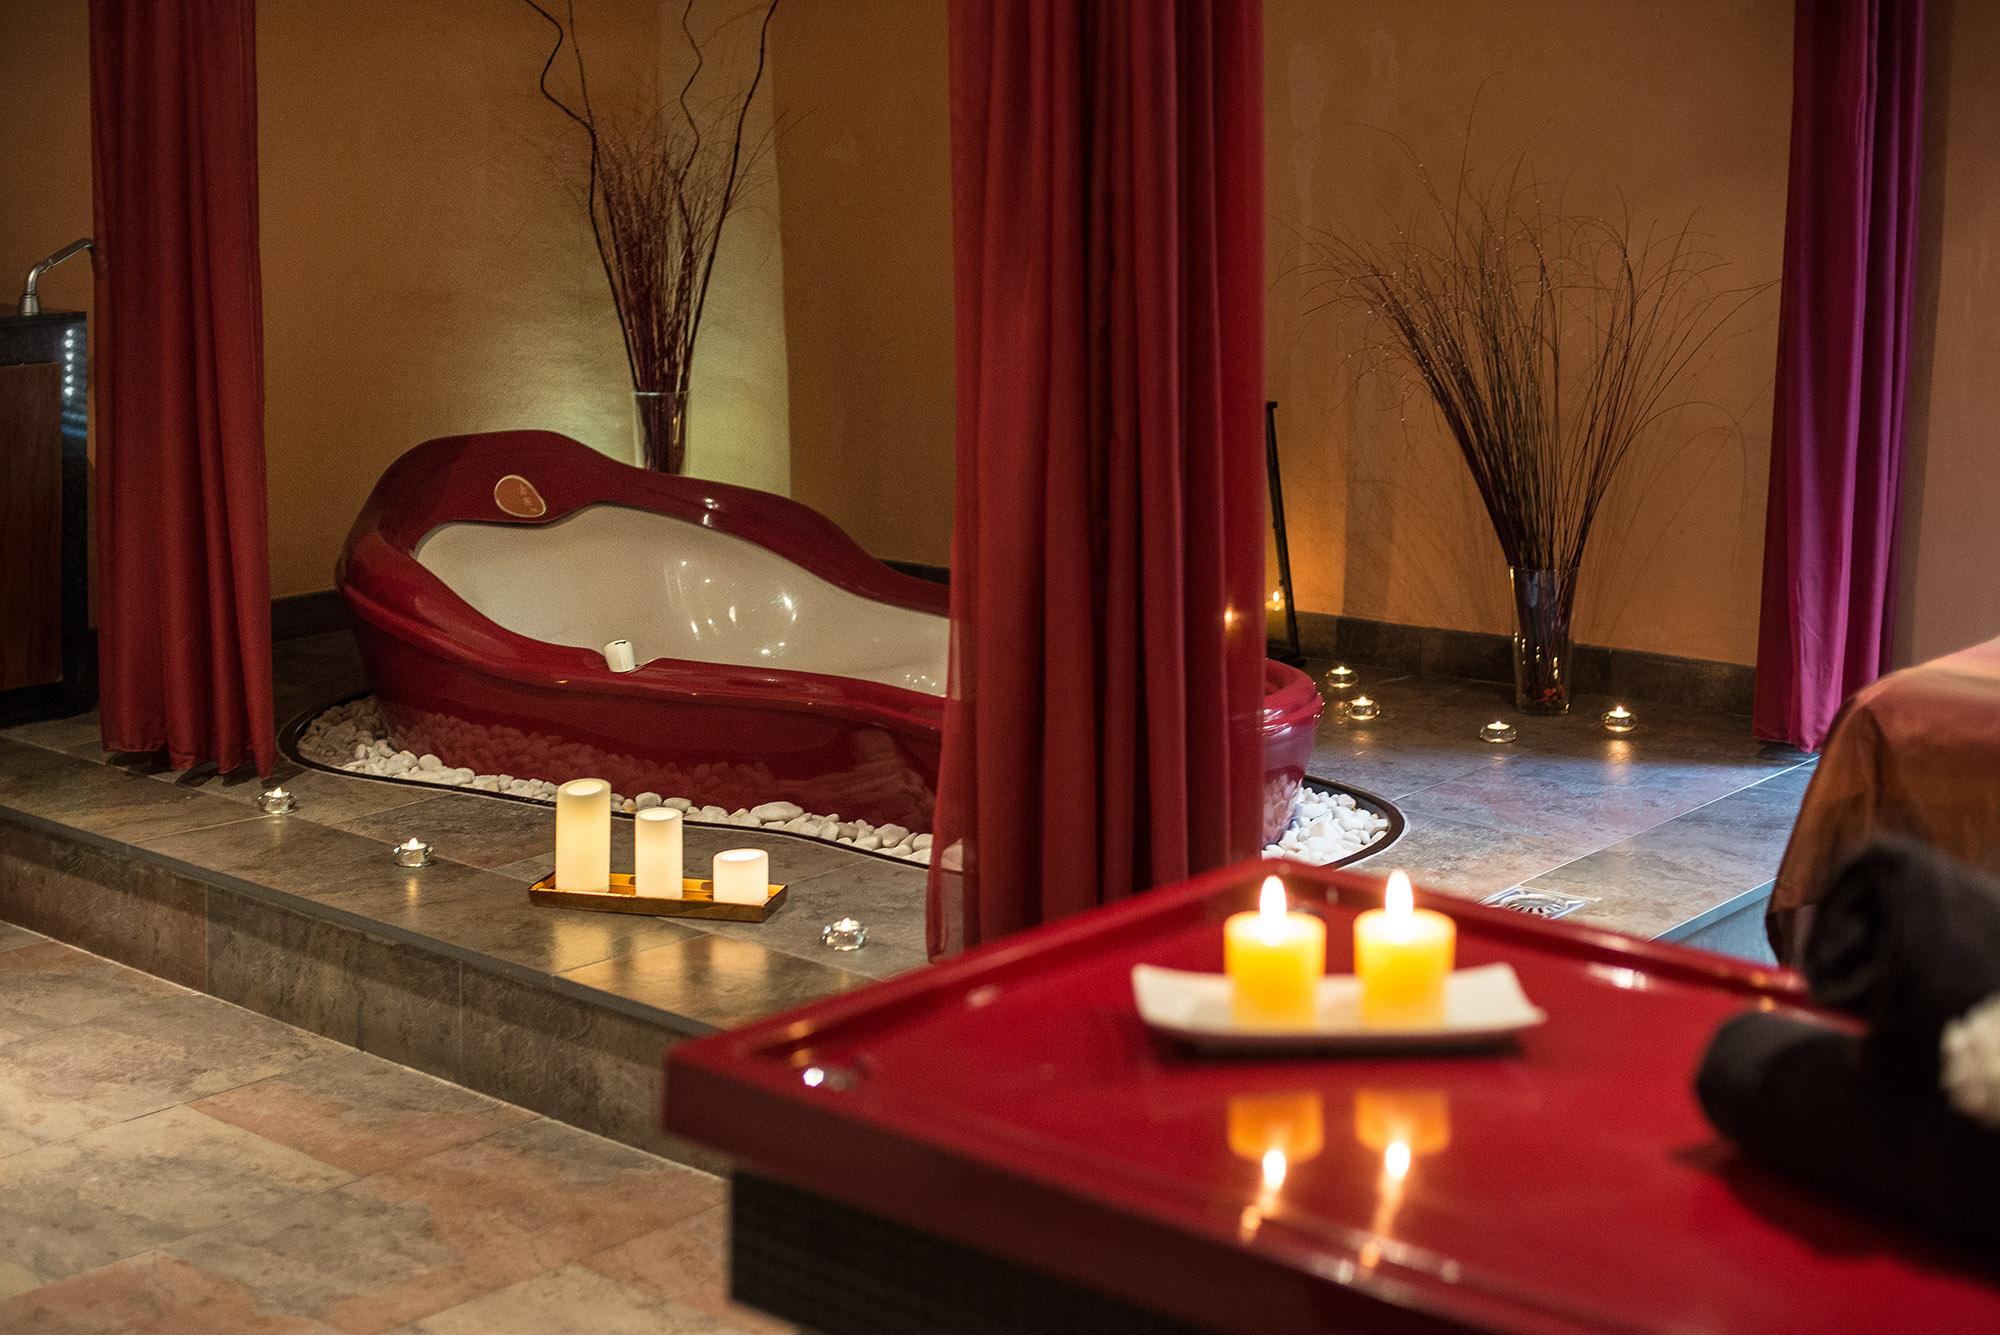 hotel-barceló-costa-ballena-cádiz-adolfo-gosálvez-photography